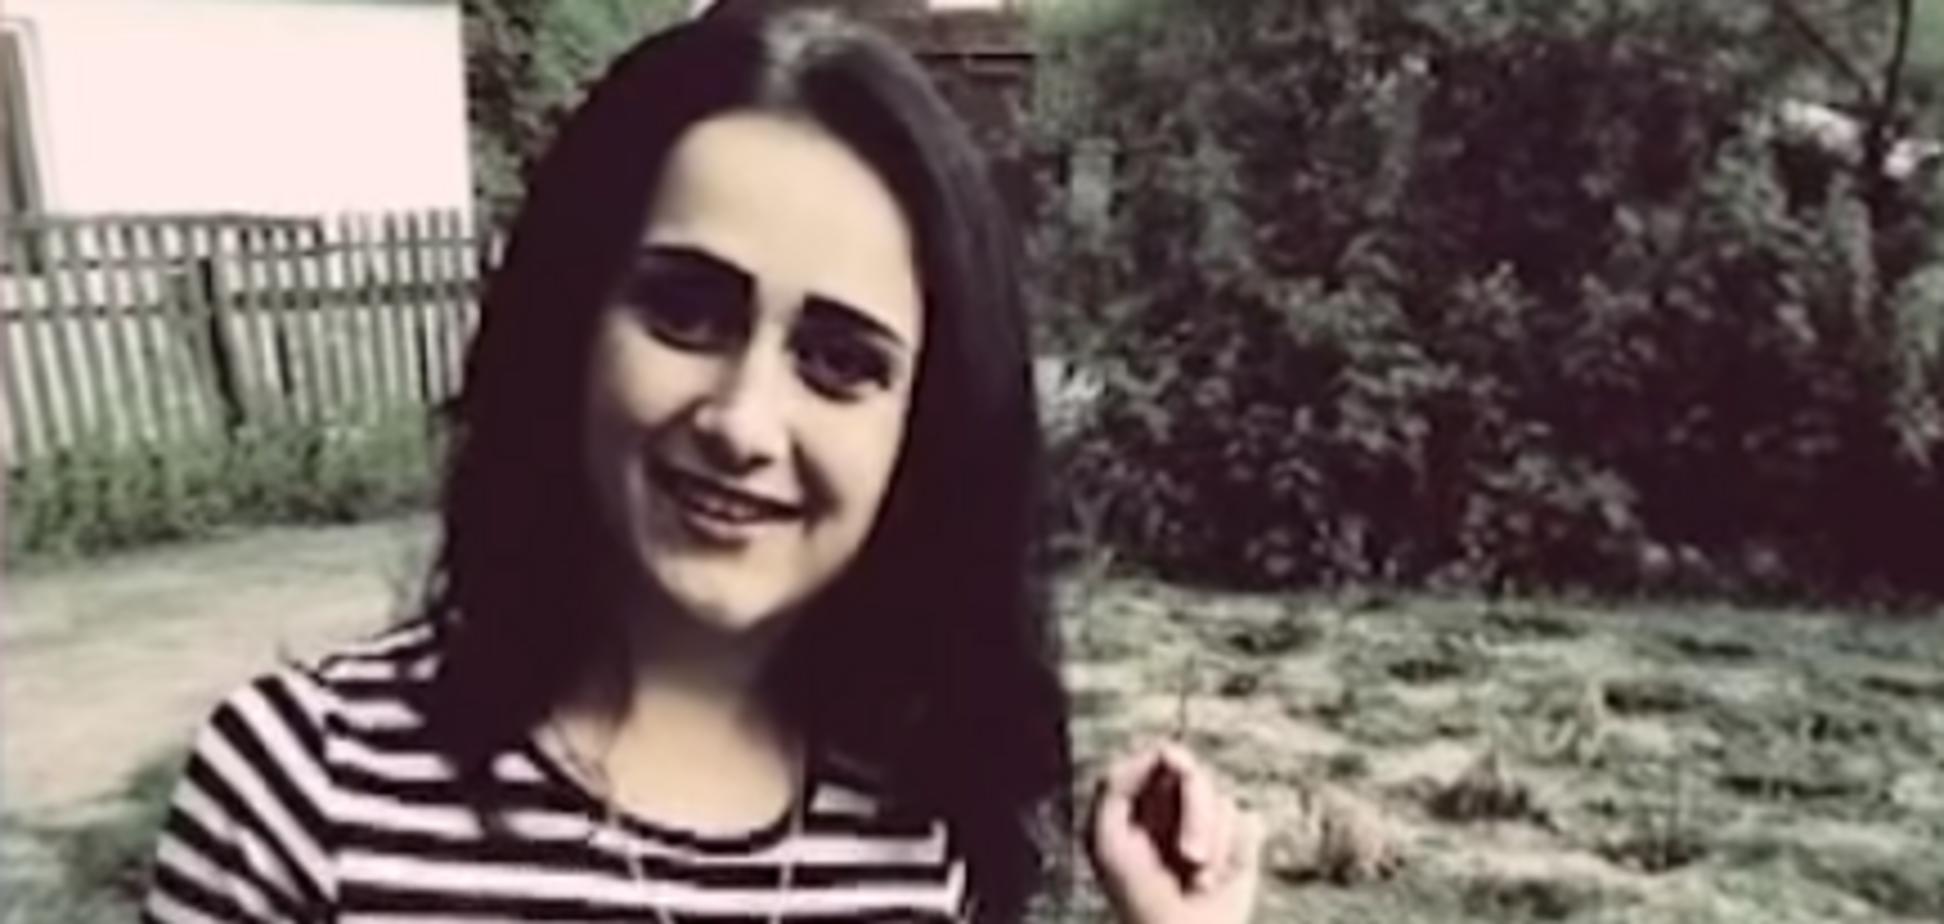 ''Мутная история'': скандал с замерзшей в лесу девушкой получил продолжение